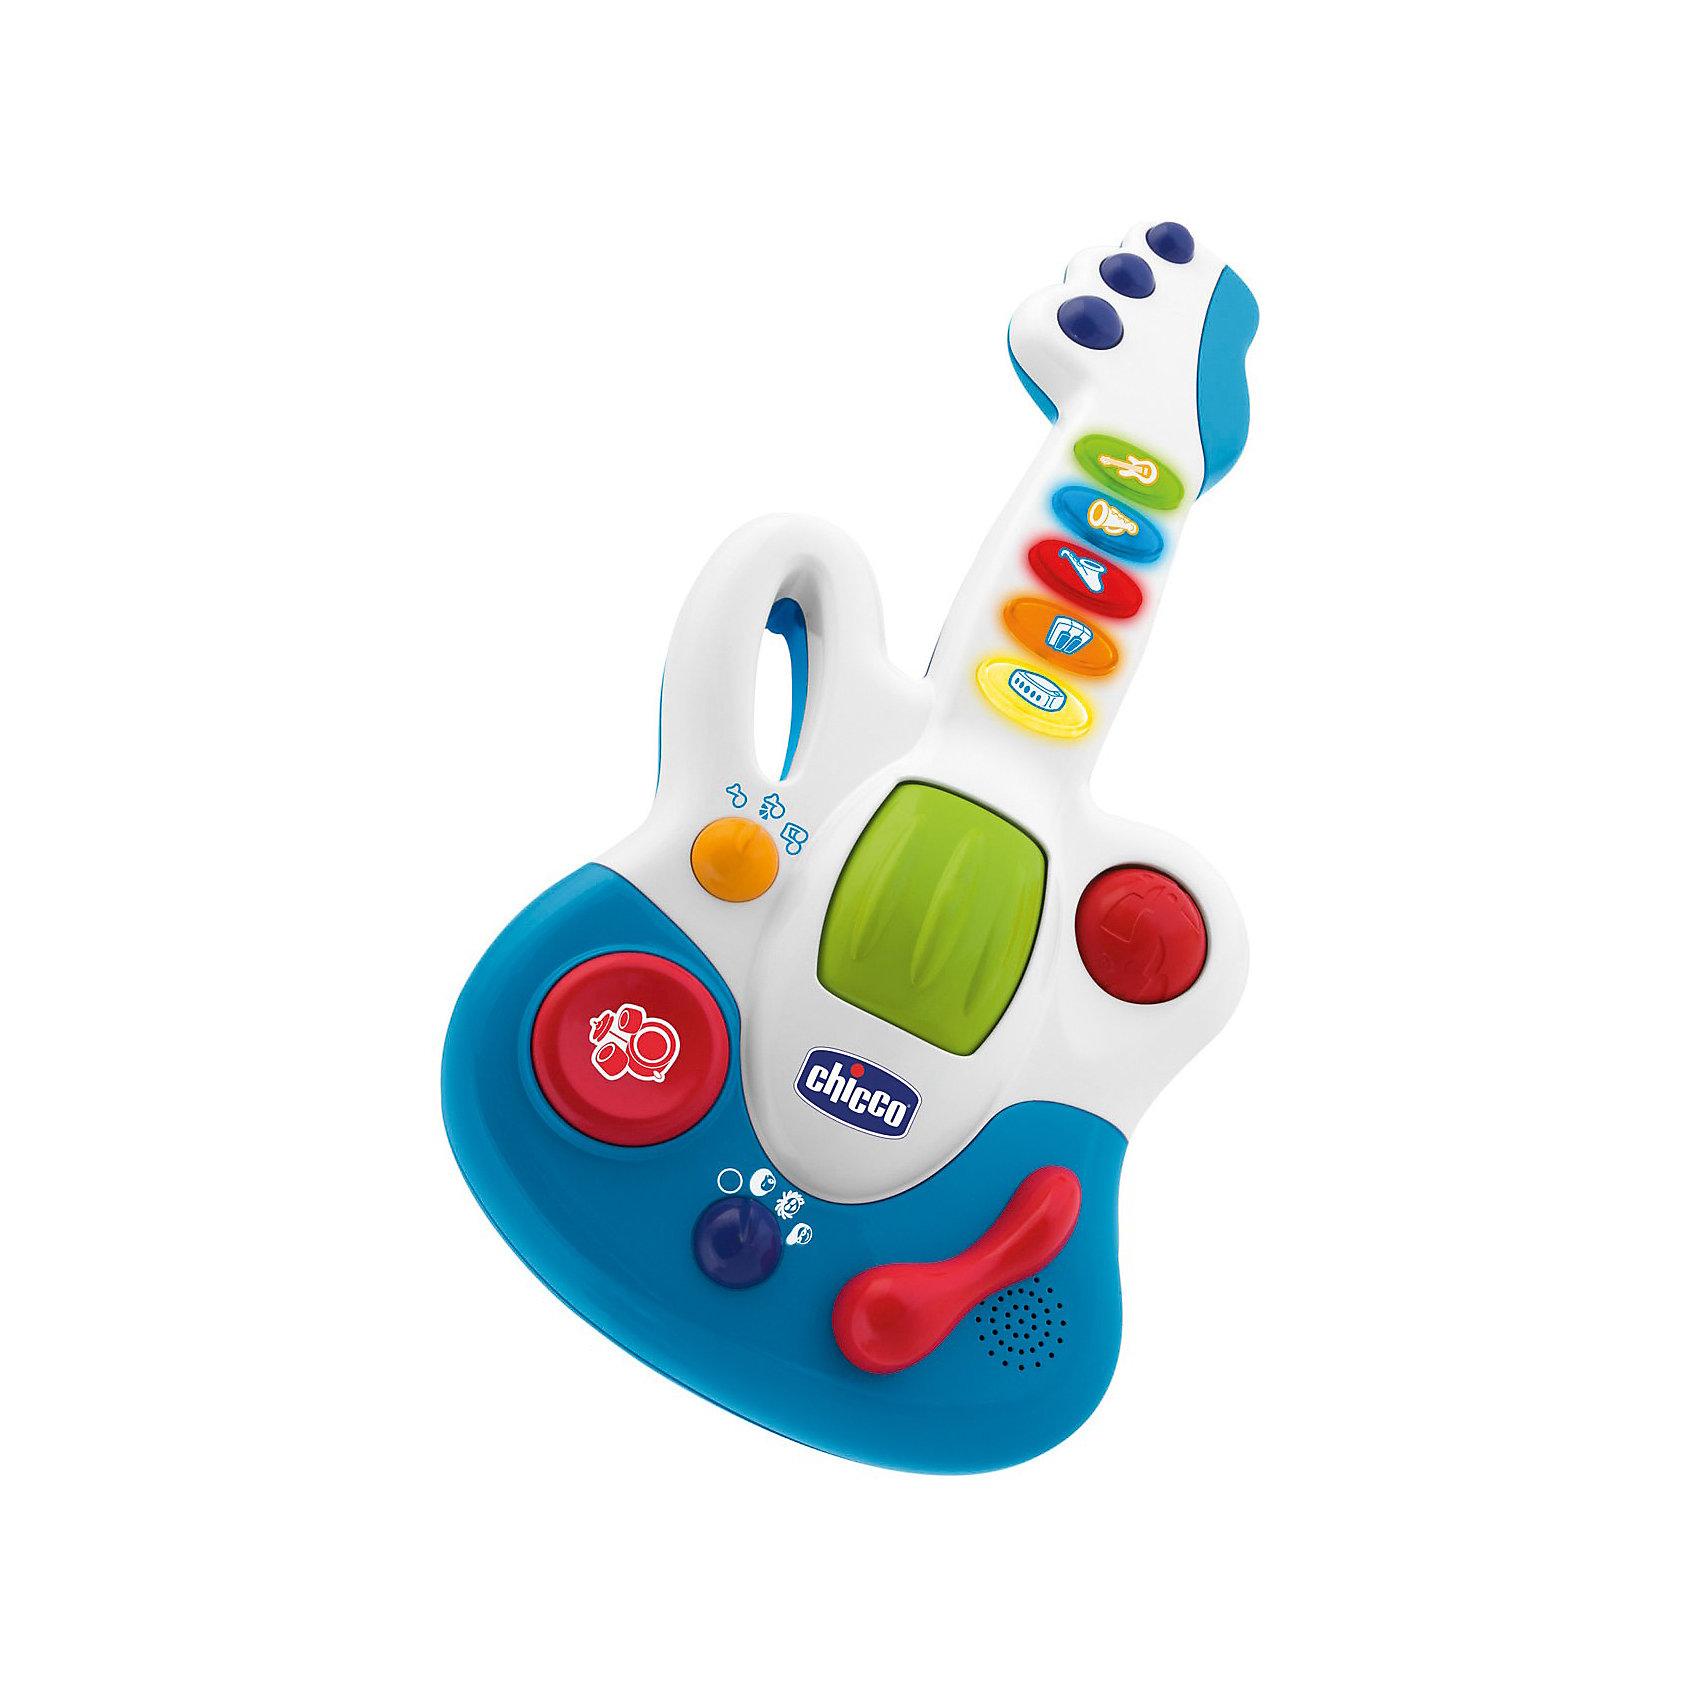 Гитара Маленькая звездочка, ChiccoМузыкальные инструменты и игрушки<br>Гитара Маленькая звездочка Chicco (Чико) - яркая и красивая музыкальная электронная игрушка для вашего ребенка! <br> <br>Гитара Маленькая звездочка позволяет ребенку создавать свои музыкальные аранжировки: к 23 записанным мелодиям, которые выступают за основу, можно добавить звучание ударных инструментов, вибрацию и ускорение ритма музыки.  <br><br>Гитара воспроизводит музыку в 3х музыкальных жанрах (рок, поп и блюз). Малыш выбирает различные музыкальные жанры, и мелодия начинает звучать по-новому.<br><br>Есть 3 функции игры:  5 коротких мелодий,  15 мелодий в трех музыкальных жанрах, мелодии с животными. Также можно выбрать между 3 методами игры (короткие мелодии, записанные мелодии и повторяй за мной). Записанные мелодии можно улучшить с помощью 3 различных функций микшера: роллер, барабанная установка и ускорение ритма. <br><br>Такая Гитара никого не оставит равнодушным! Игрушка развивает музыкальный вкус и творческие способности Вашего ребенка.<br><br>Гитару Маленькая звездочка Chicco можно купить в нашем интернет-магазине.<br><br>Дополнительная информация:<br>- 23 мелодии.<br>- 3 функции микшера.<br>- Материал: пластмасса.<br>- Работает от батареек: 2 х LR6 (AA) <br>- Размеры: 40х20 см.<br>- Возраст: от 12 месяцев.<br><br>Ширина мм: 400<br>Глубина мм: 250<br>Высота мм: 70<br>Вес г: 79<br>Возраст от месяцев: 12<br>Возраст до месяцев: 36<br>Пол: Унисекс<br>Возраст: Детский<br>SKU: 2450429